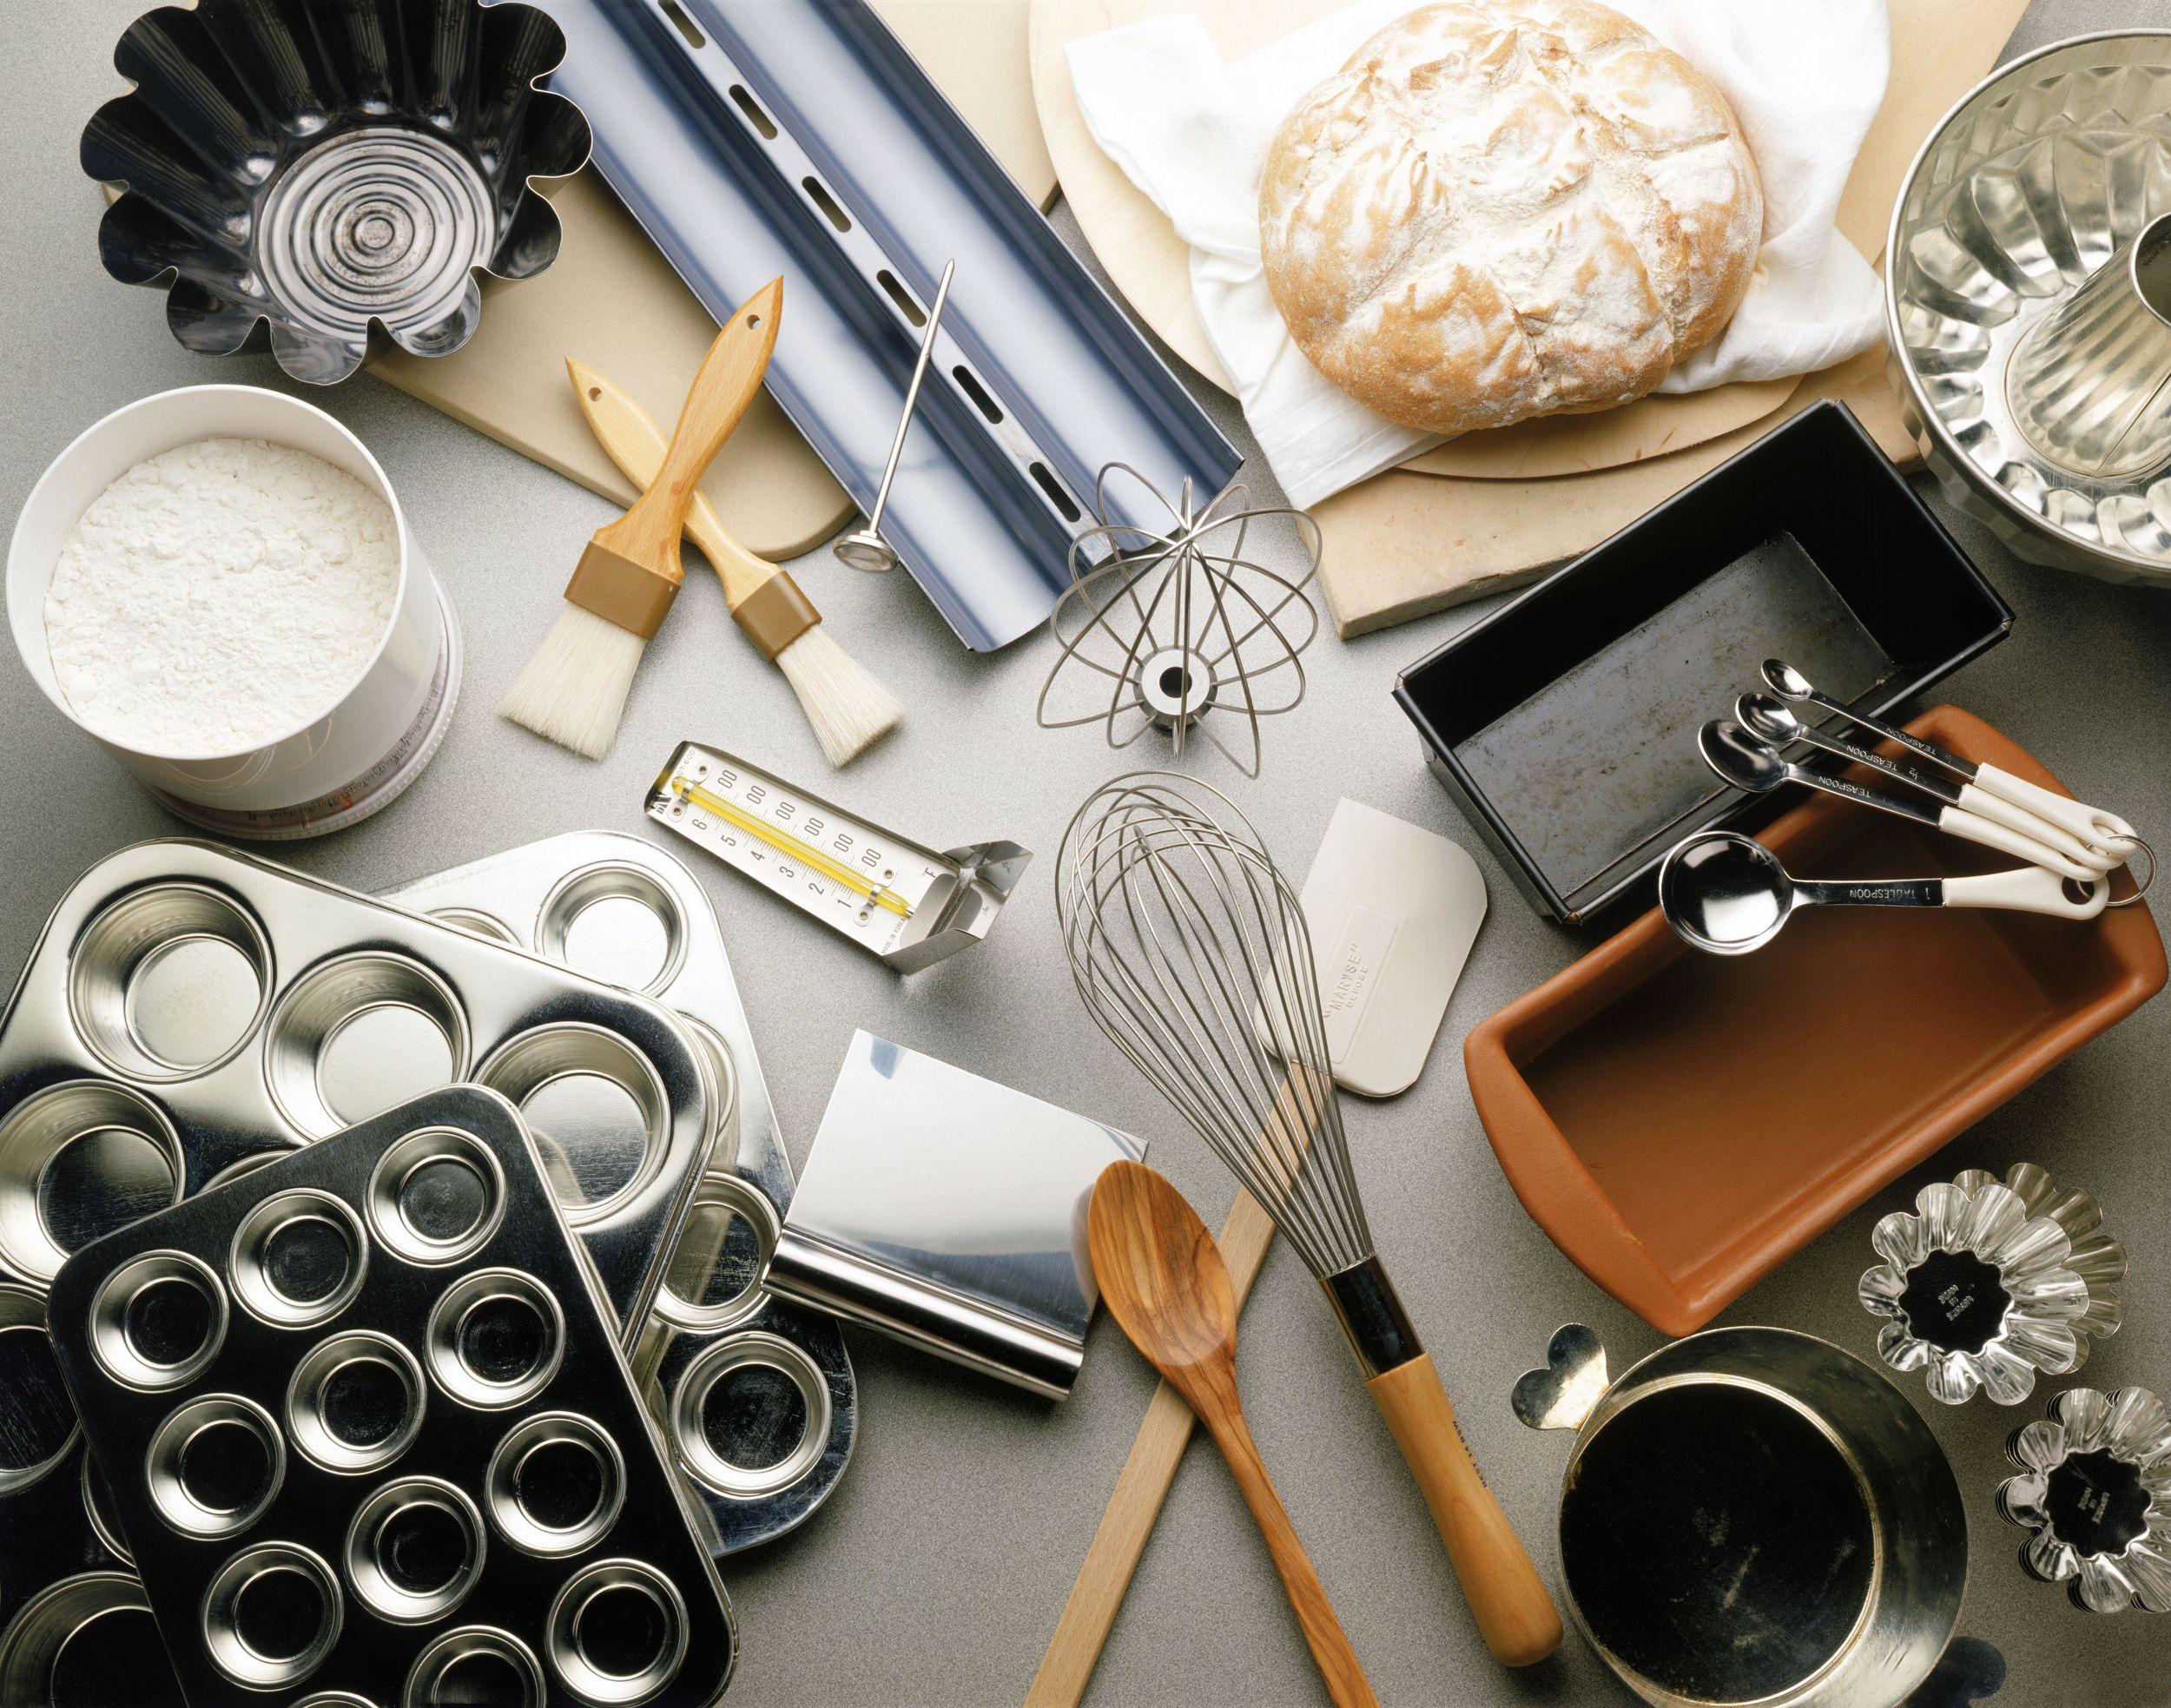 قالبها و ظروف کیکپزی انواع مختلفی داشته و برای طبخ انواع مختلفی از کیک مورد استفاده قرار میگیرند.